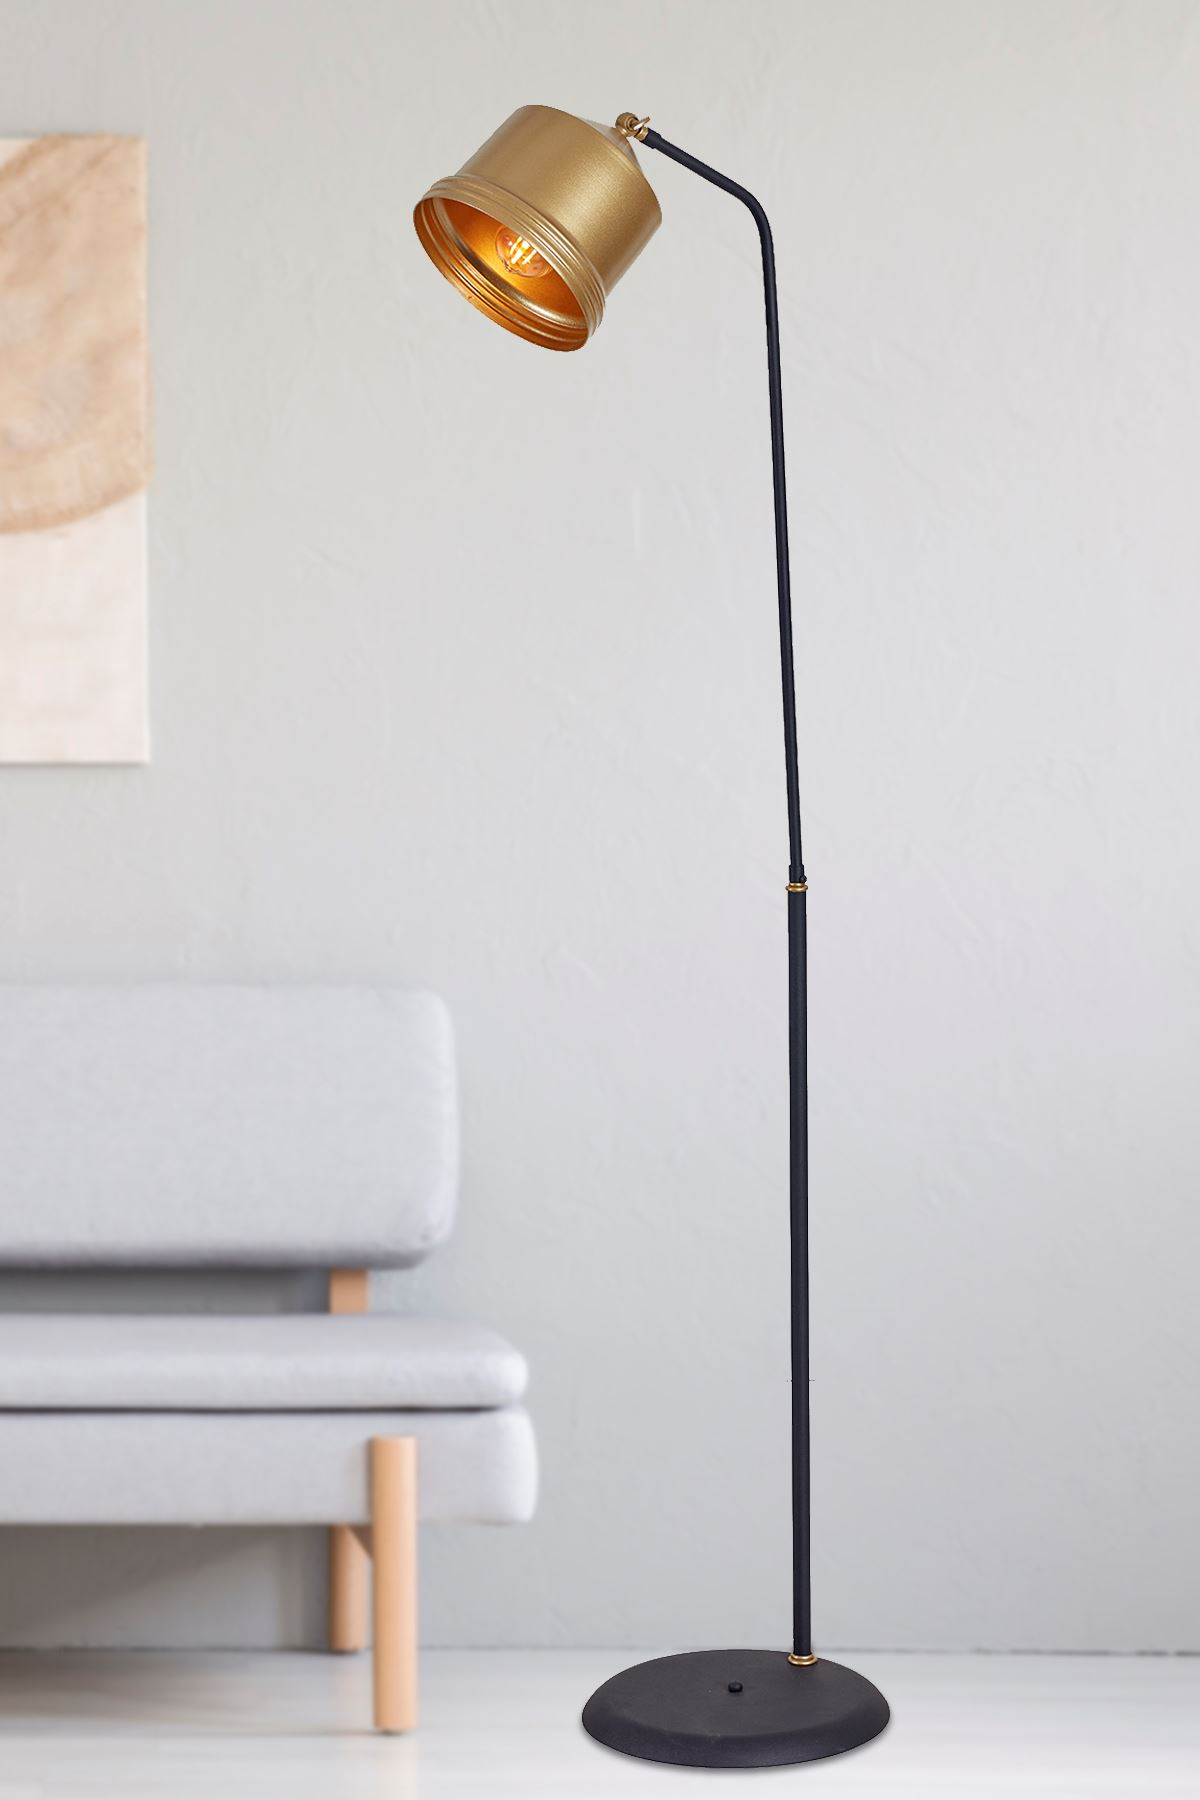 Lucas Sarı-Siyah Metal Gövde Tasarım Lüx Yerden Aydınlatma Lambader